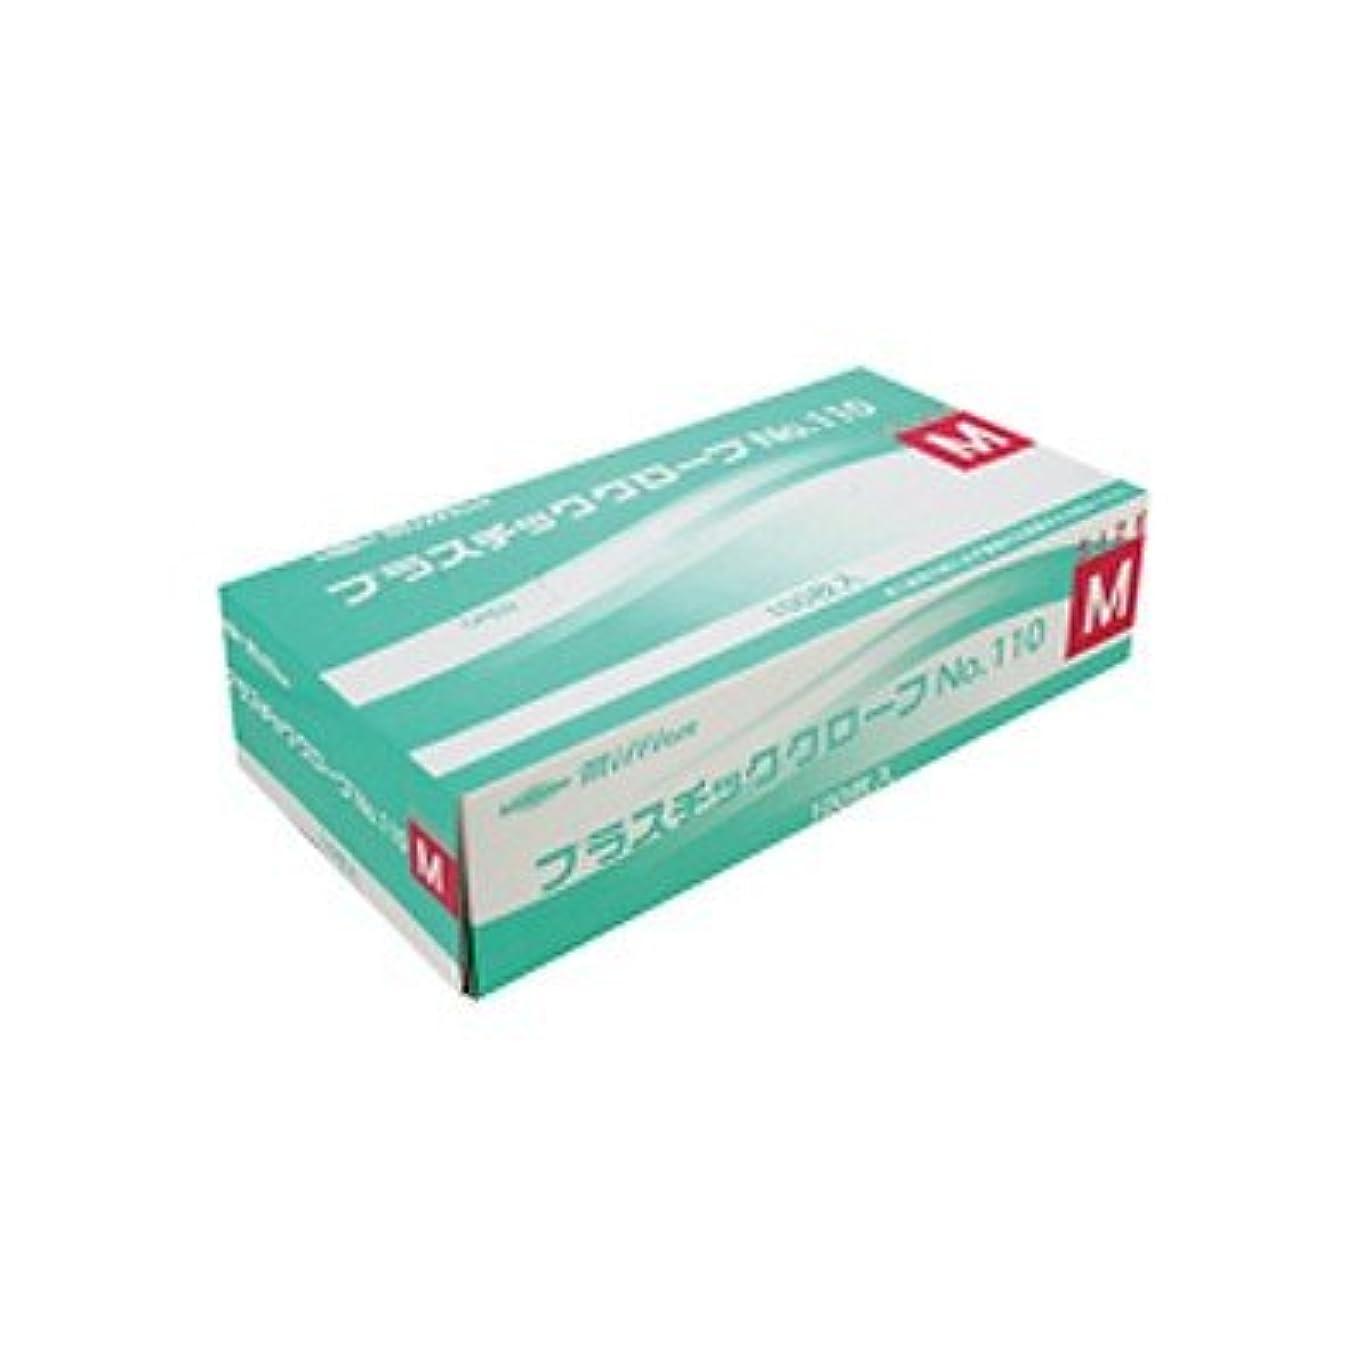 受け取る歯科医樹皮ミリオン プラスチック手袋 粉付 No.110 M 品番:LH-110-M 注文番号:62741514 メーカー:共和